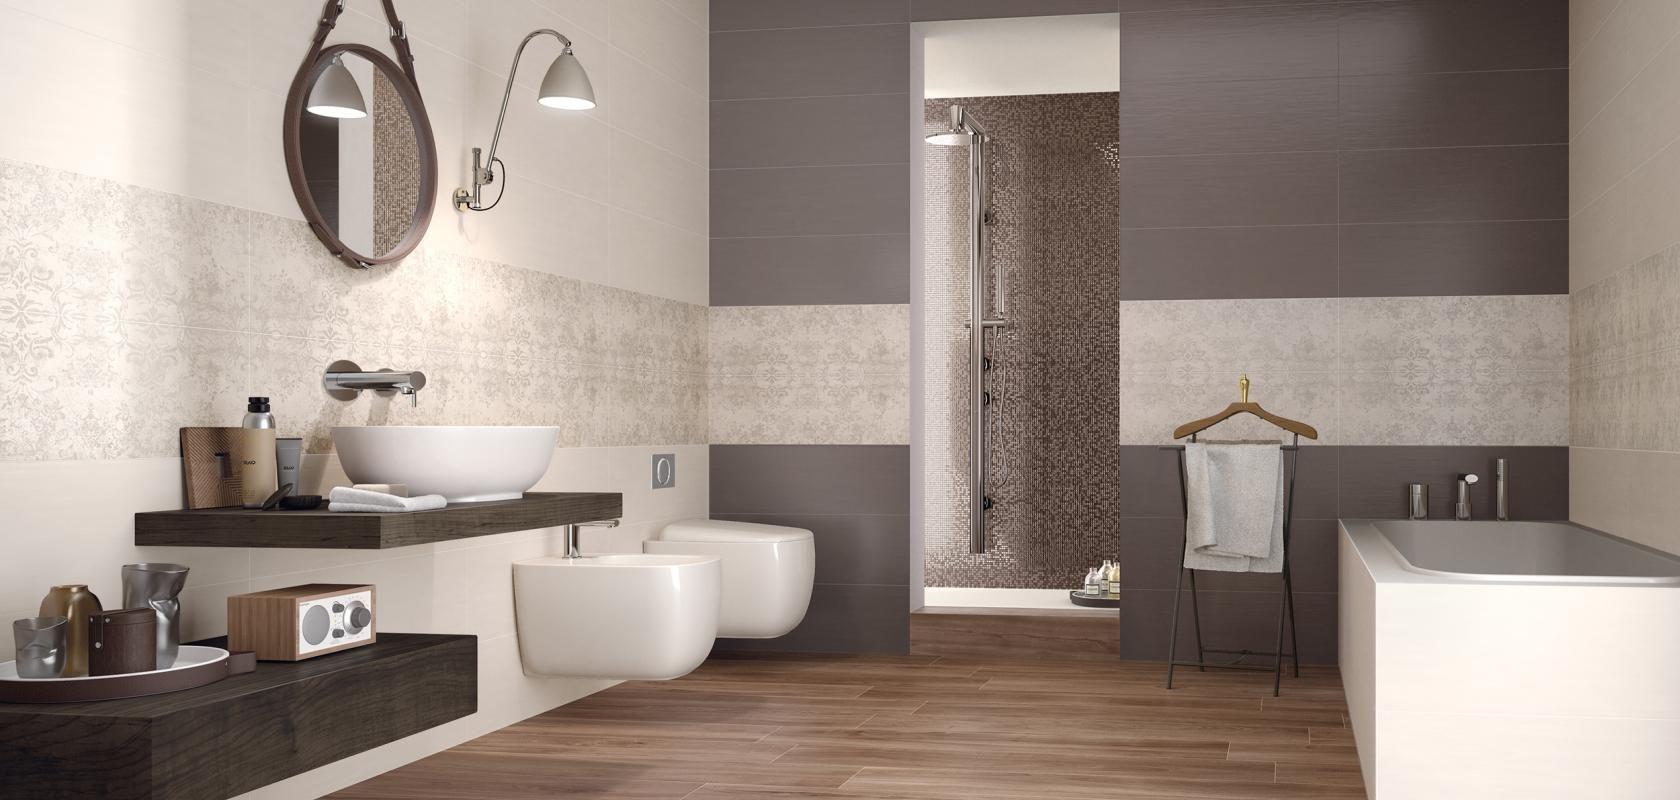 Rivestimemti bagno pavimenti rivestimenti bagno mattonelle e piastrelle per bagni - Rivestimenti bagno design ...